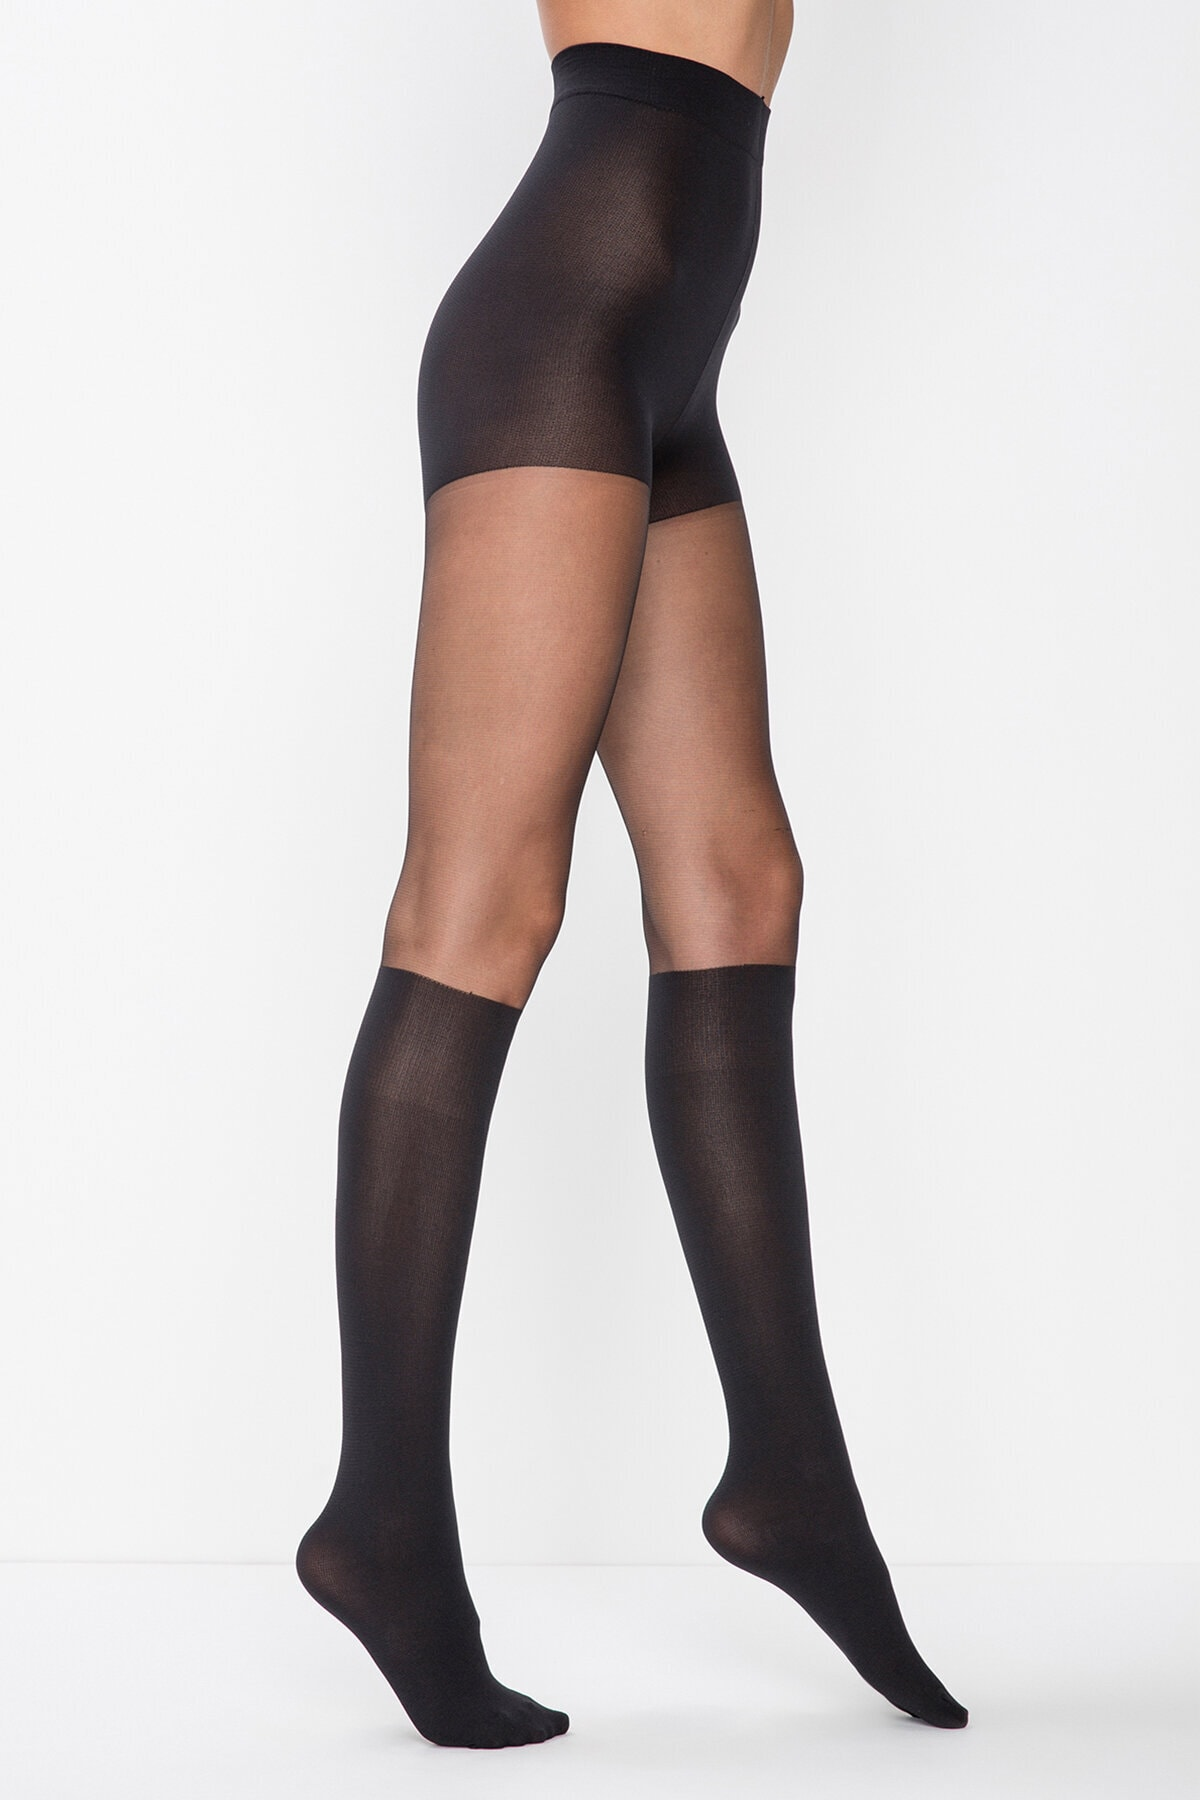 Penti Kadın Siyah Çizme Külotlu Çorabı